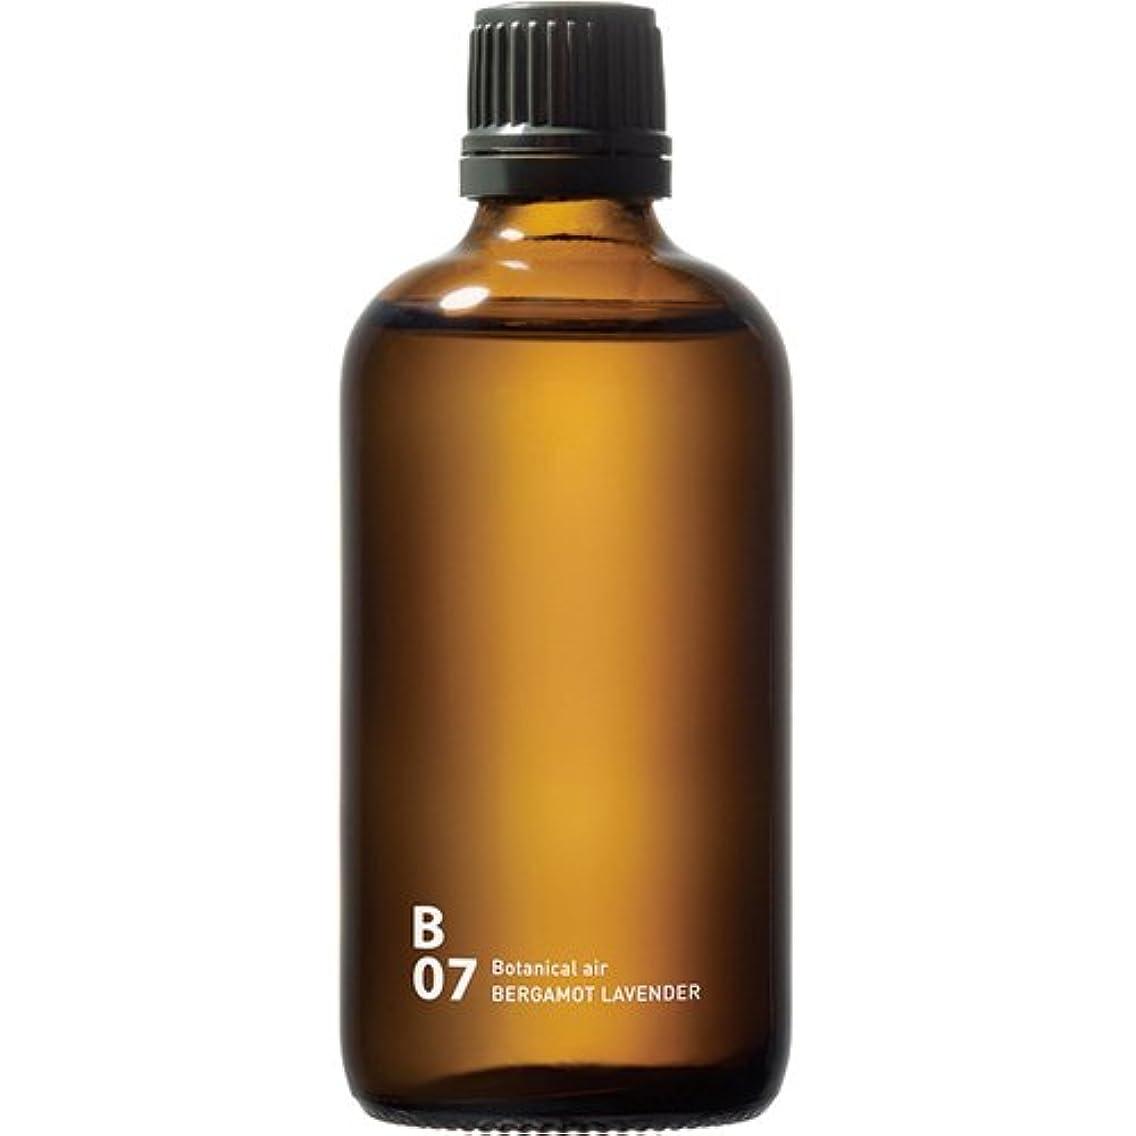 アクティビティゲストトピックB07 BERGAMOT LAVENDER piezo aroma oil 100ml